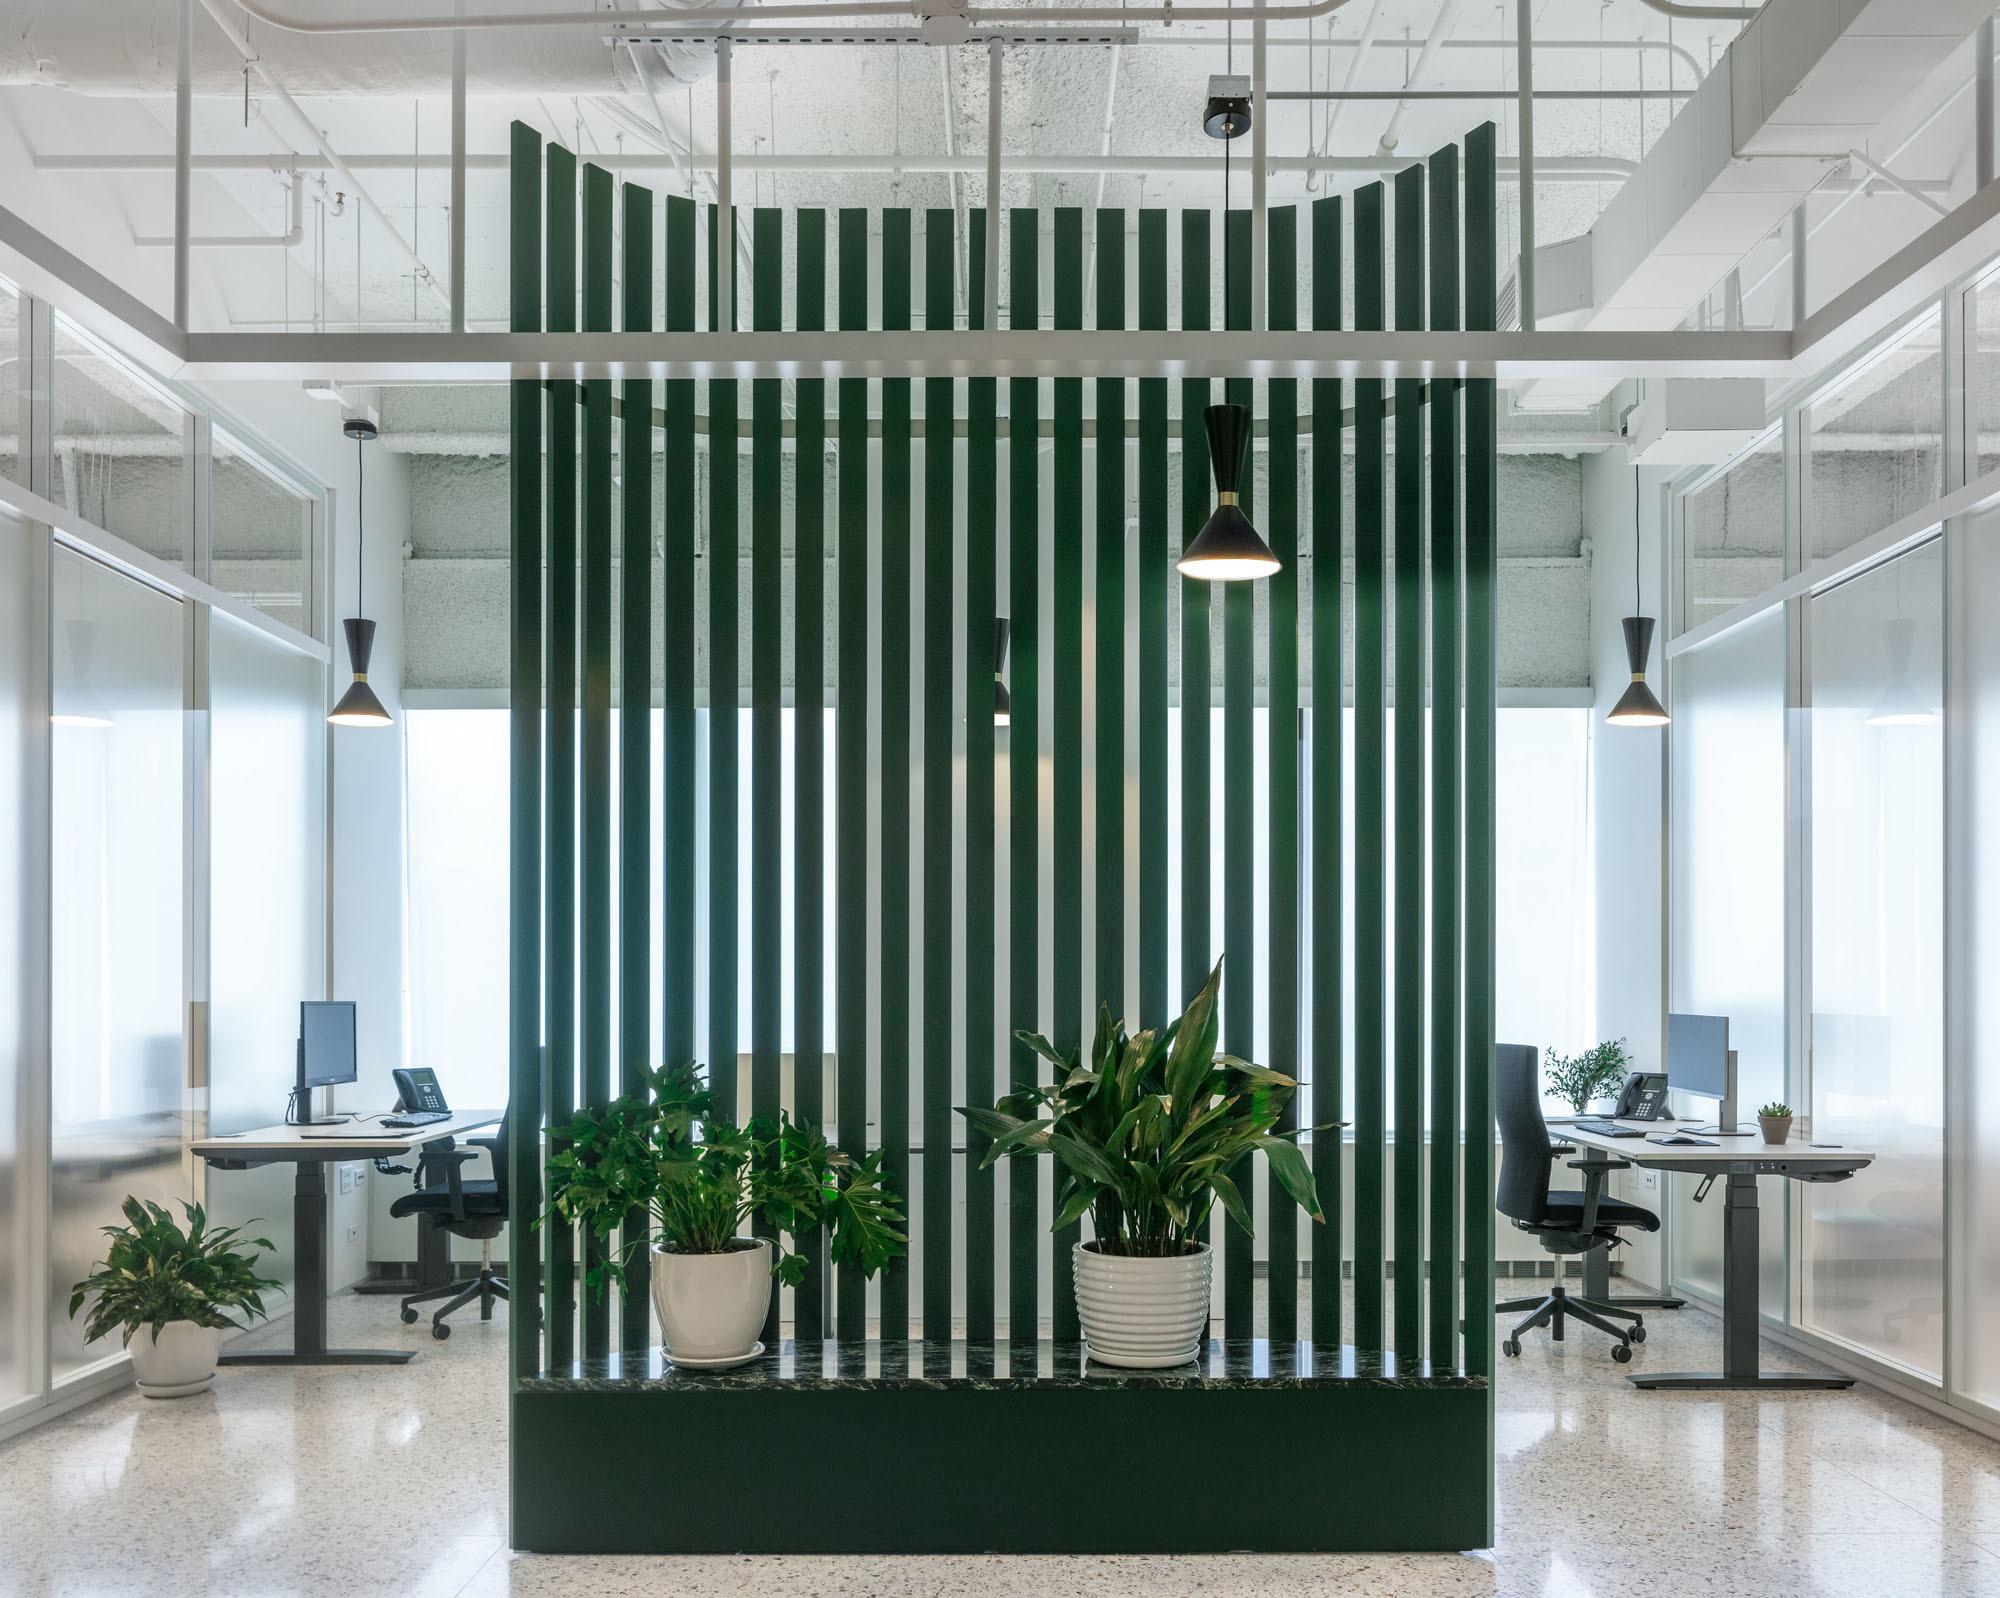 Eine freistehende Wand trennt den zentralen Raum von den Büros. Foto: James Florio